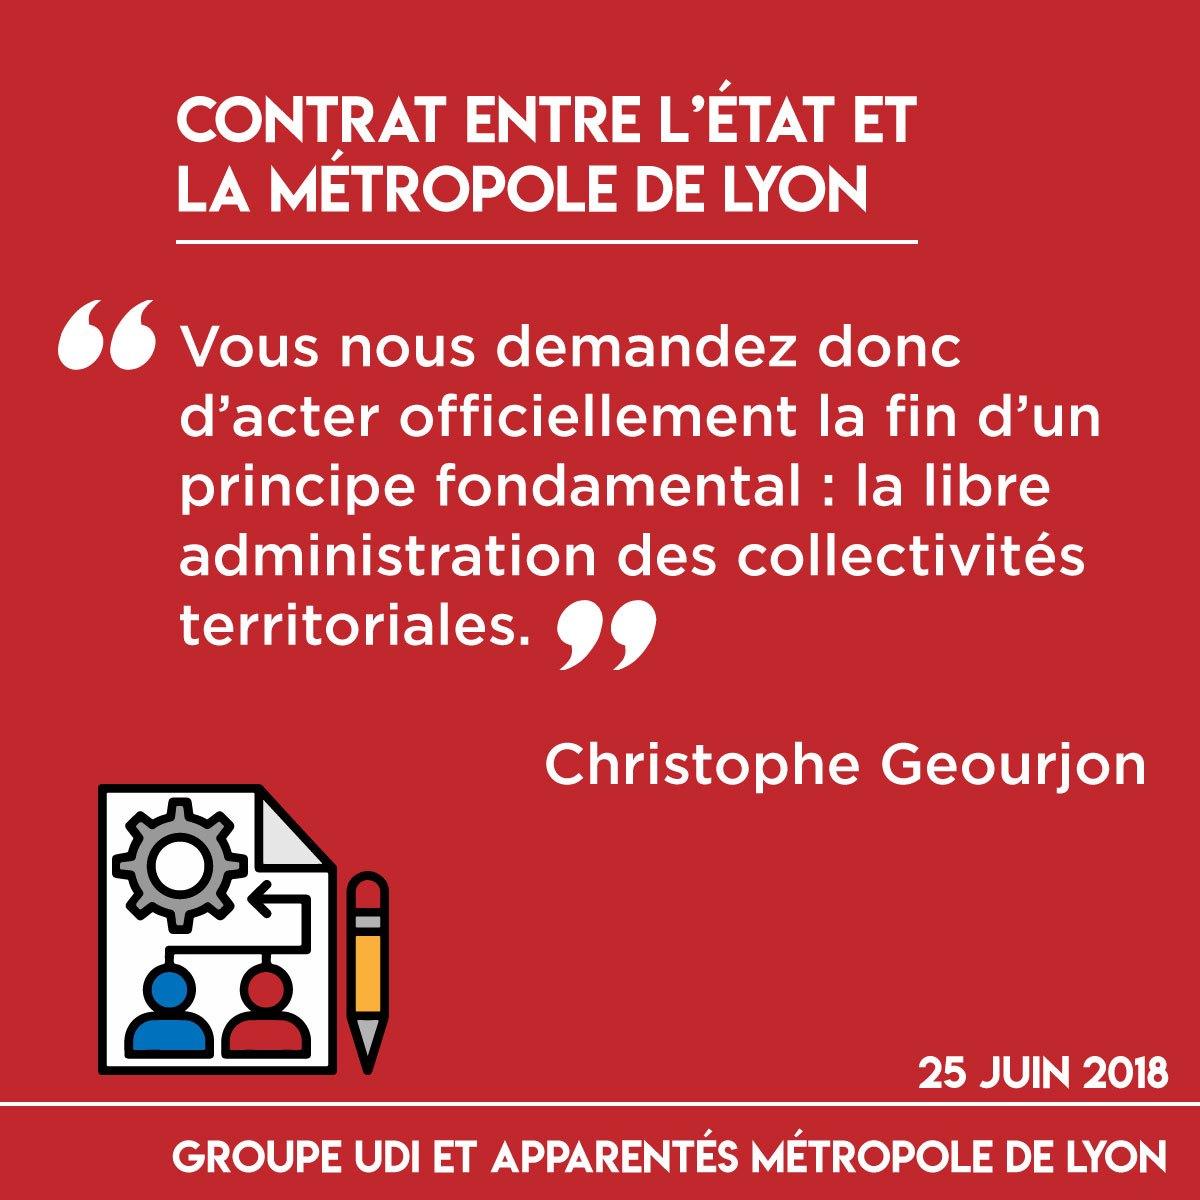 Contractualisation : l'État décide de la fin de la libre administration des collectivités territoriales